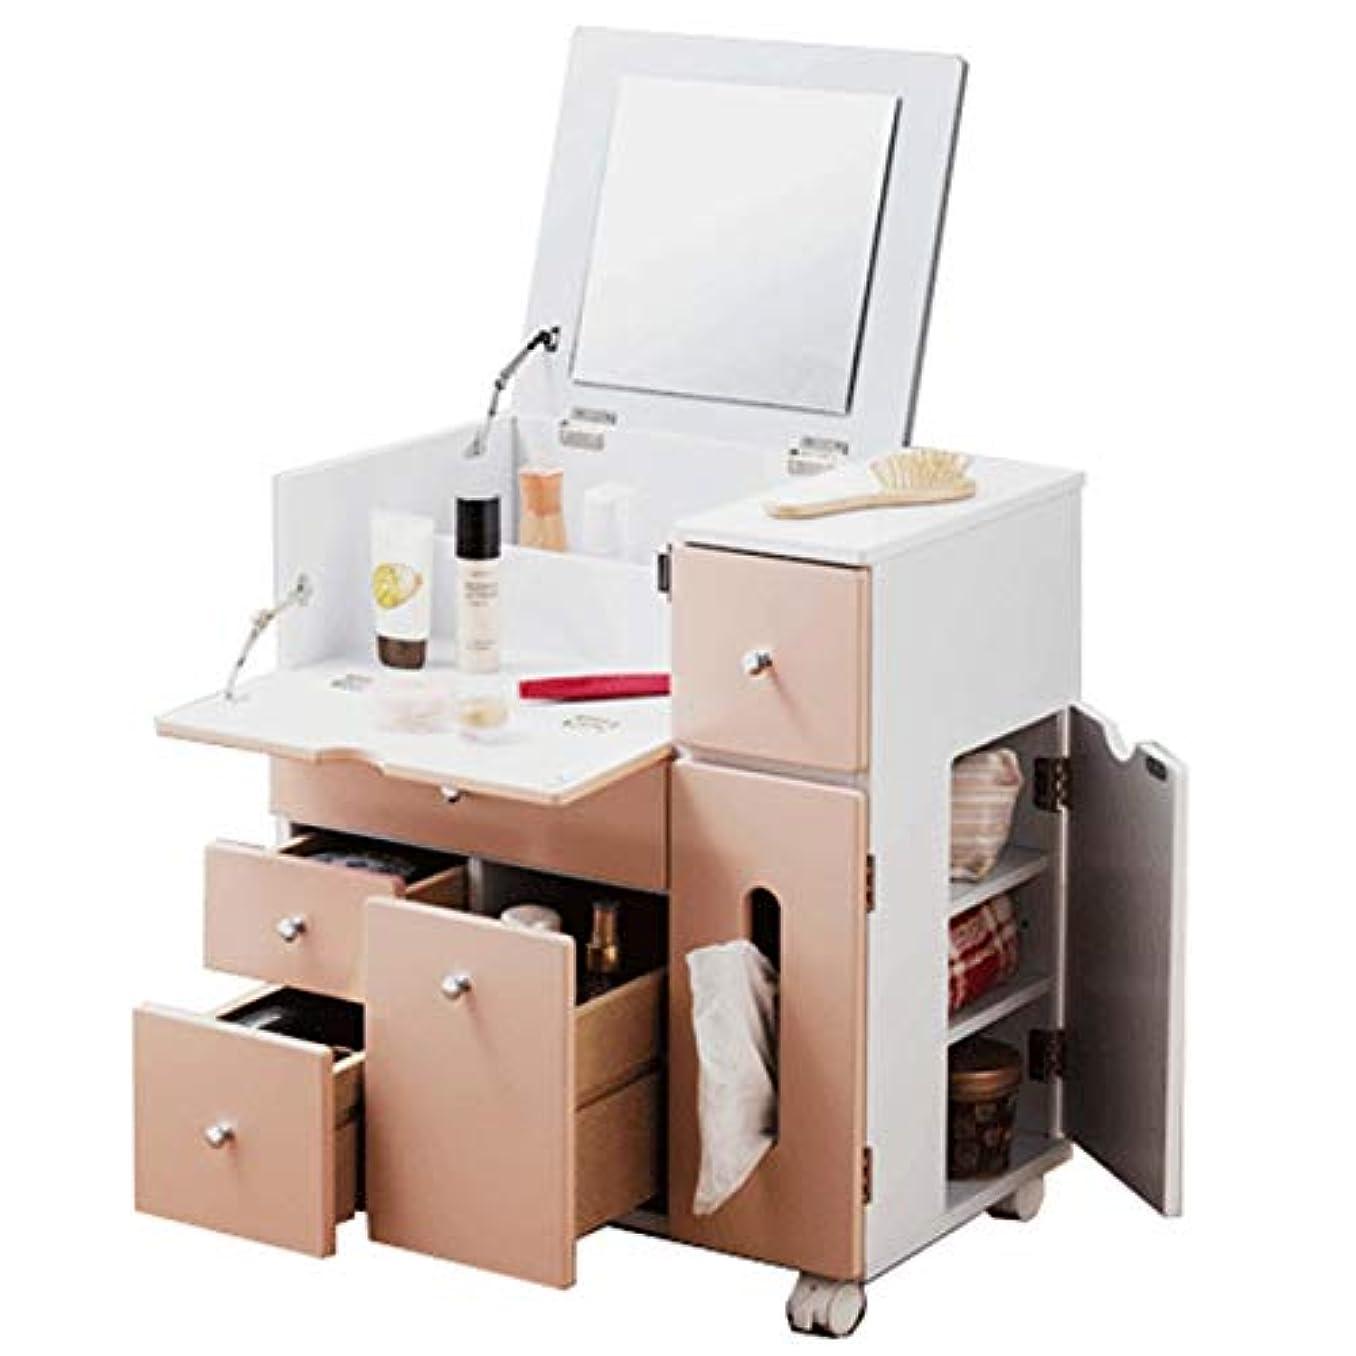 委任証書危険にさらされている完成品 コスメワゴン コスメボックス 鏡台 ミラー 収納 シンプル 木製 Cosmetics Wagon メイクボックス ピンク